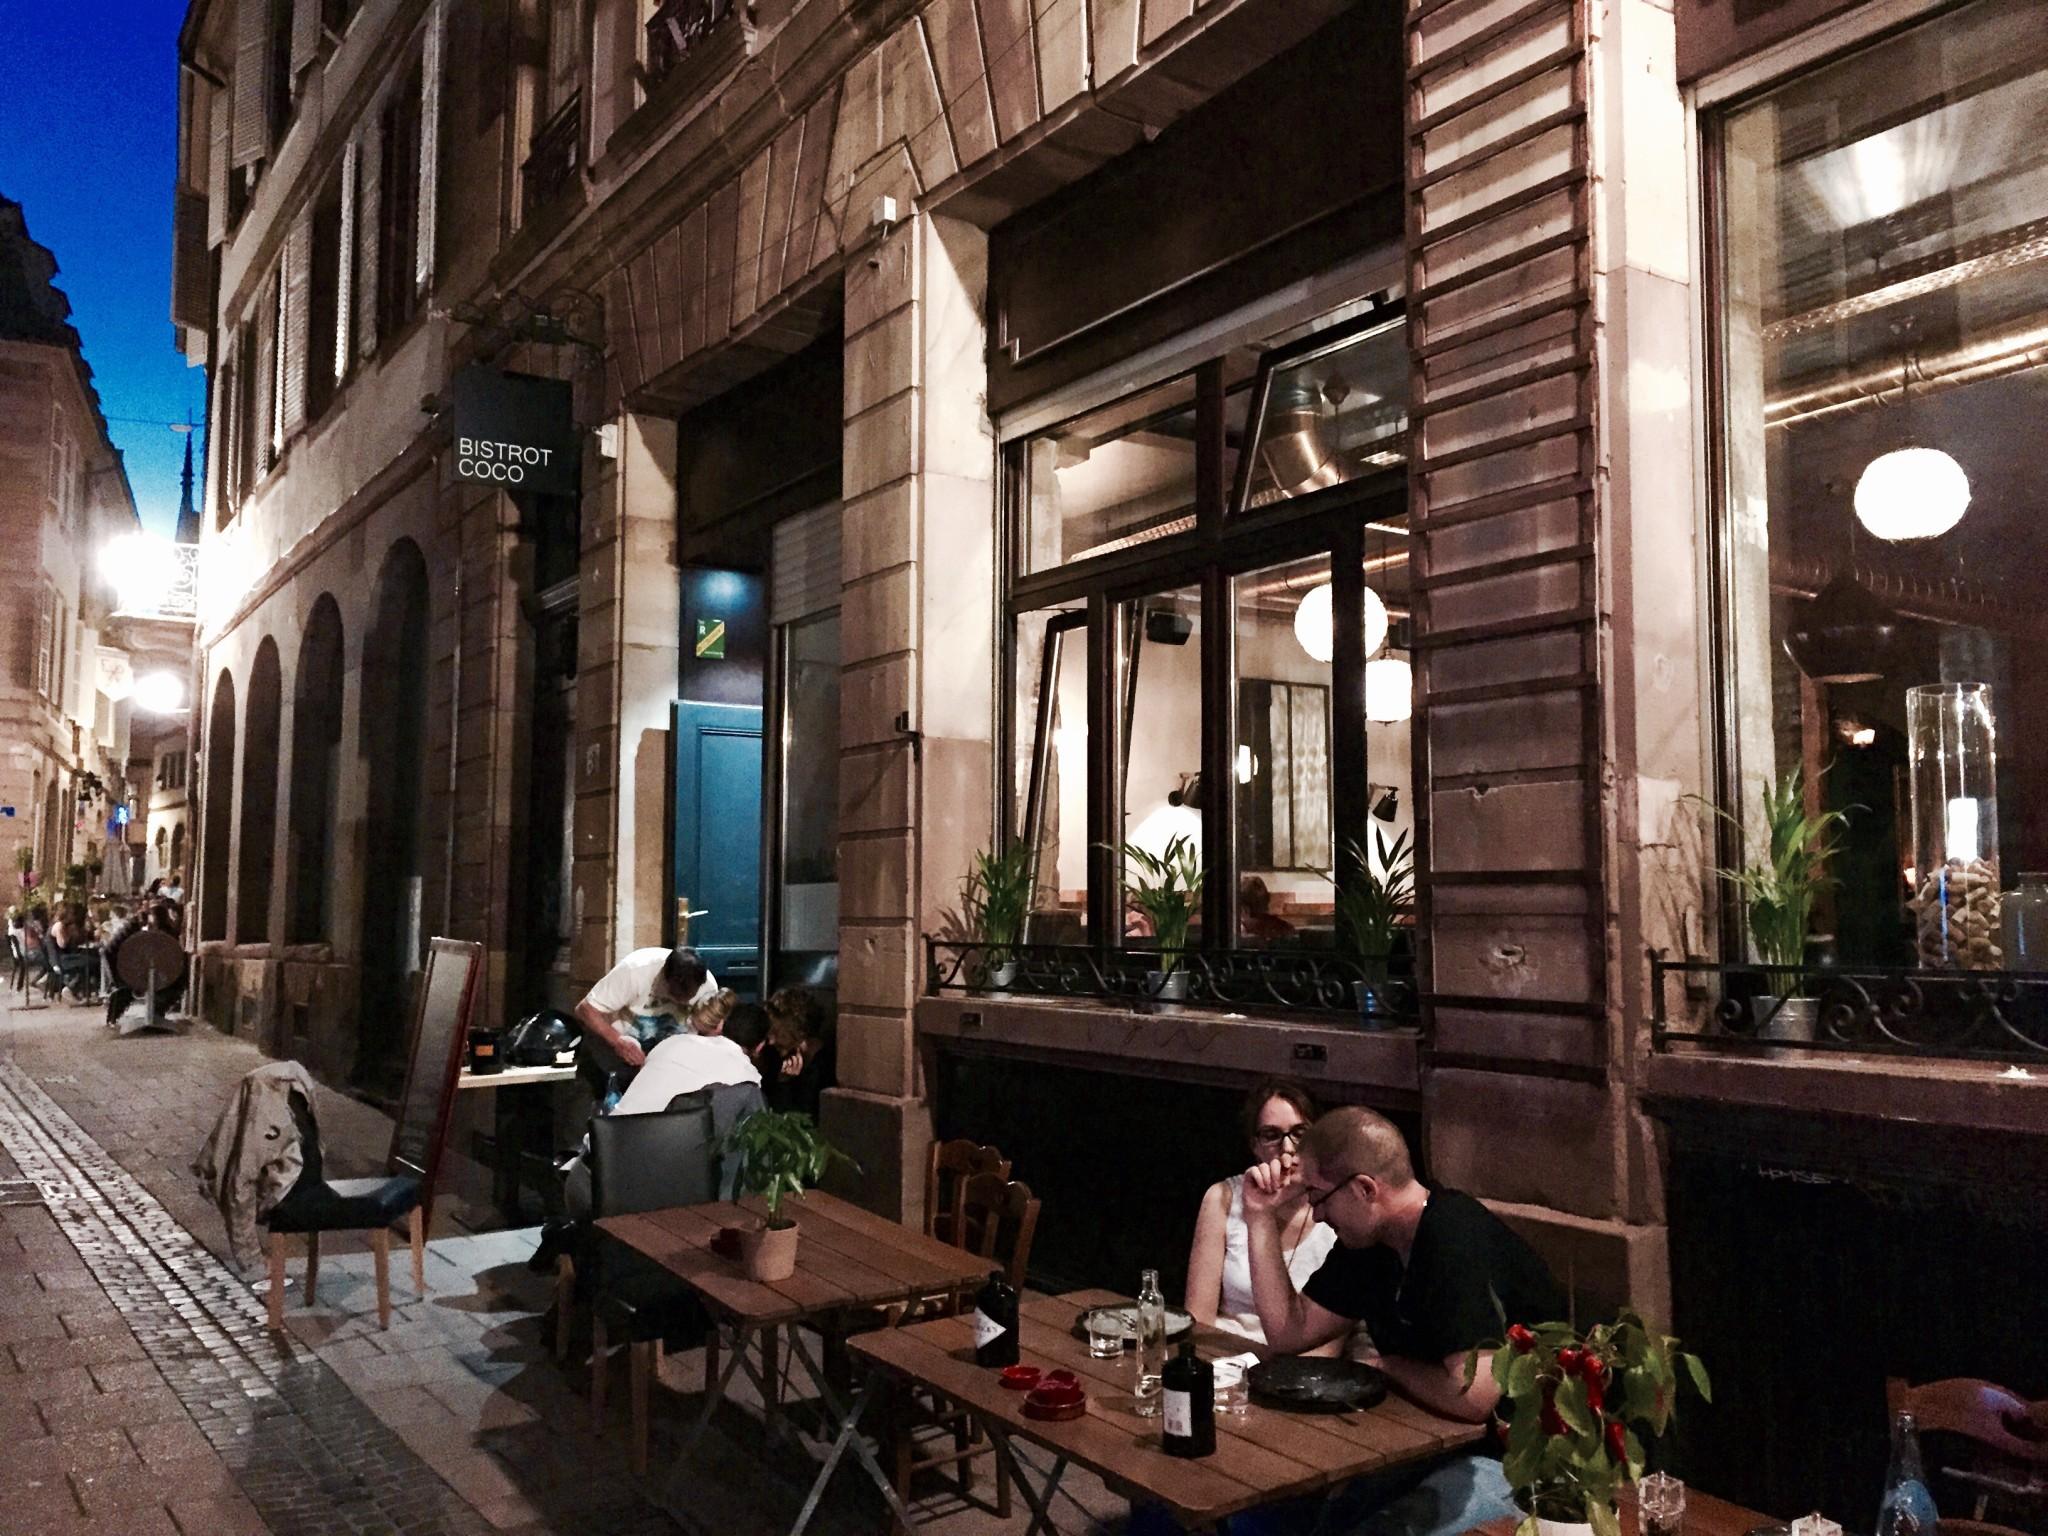 cafe coco site de rencontre rencontre entre mec rodez